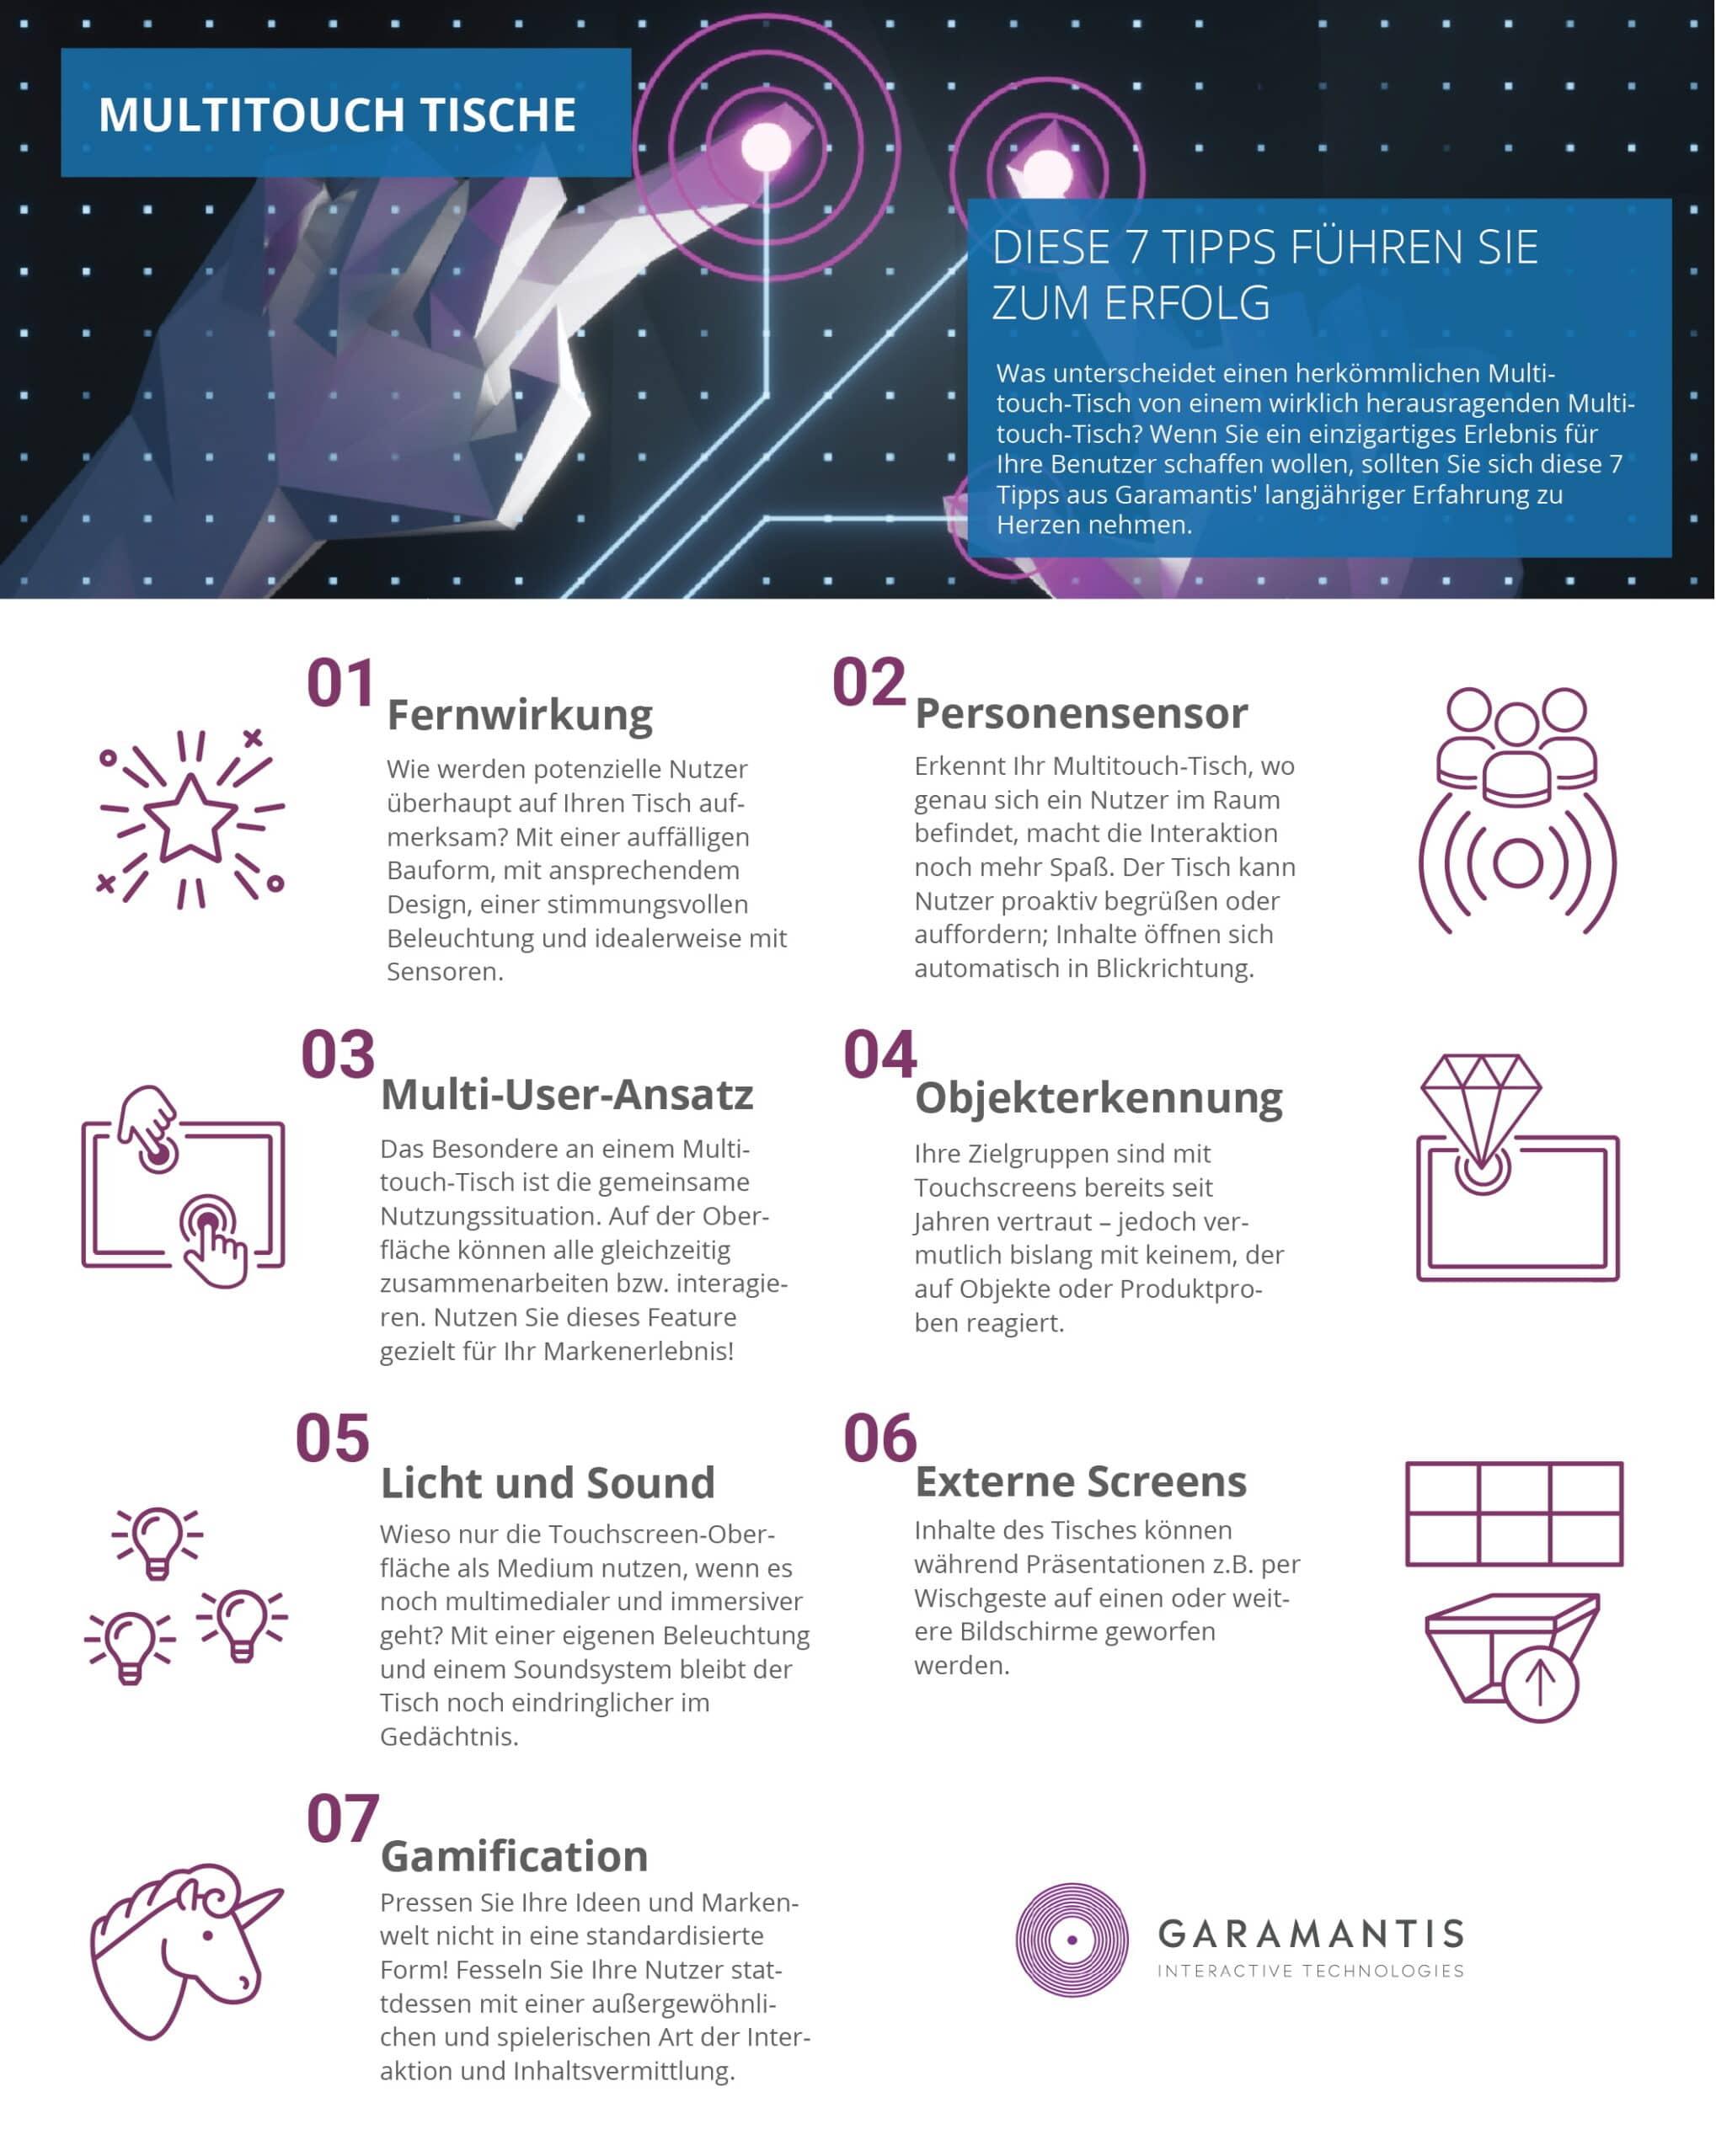 7 Tipps für ein herausragendes Multitouch-Erlebnis - Infografik